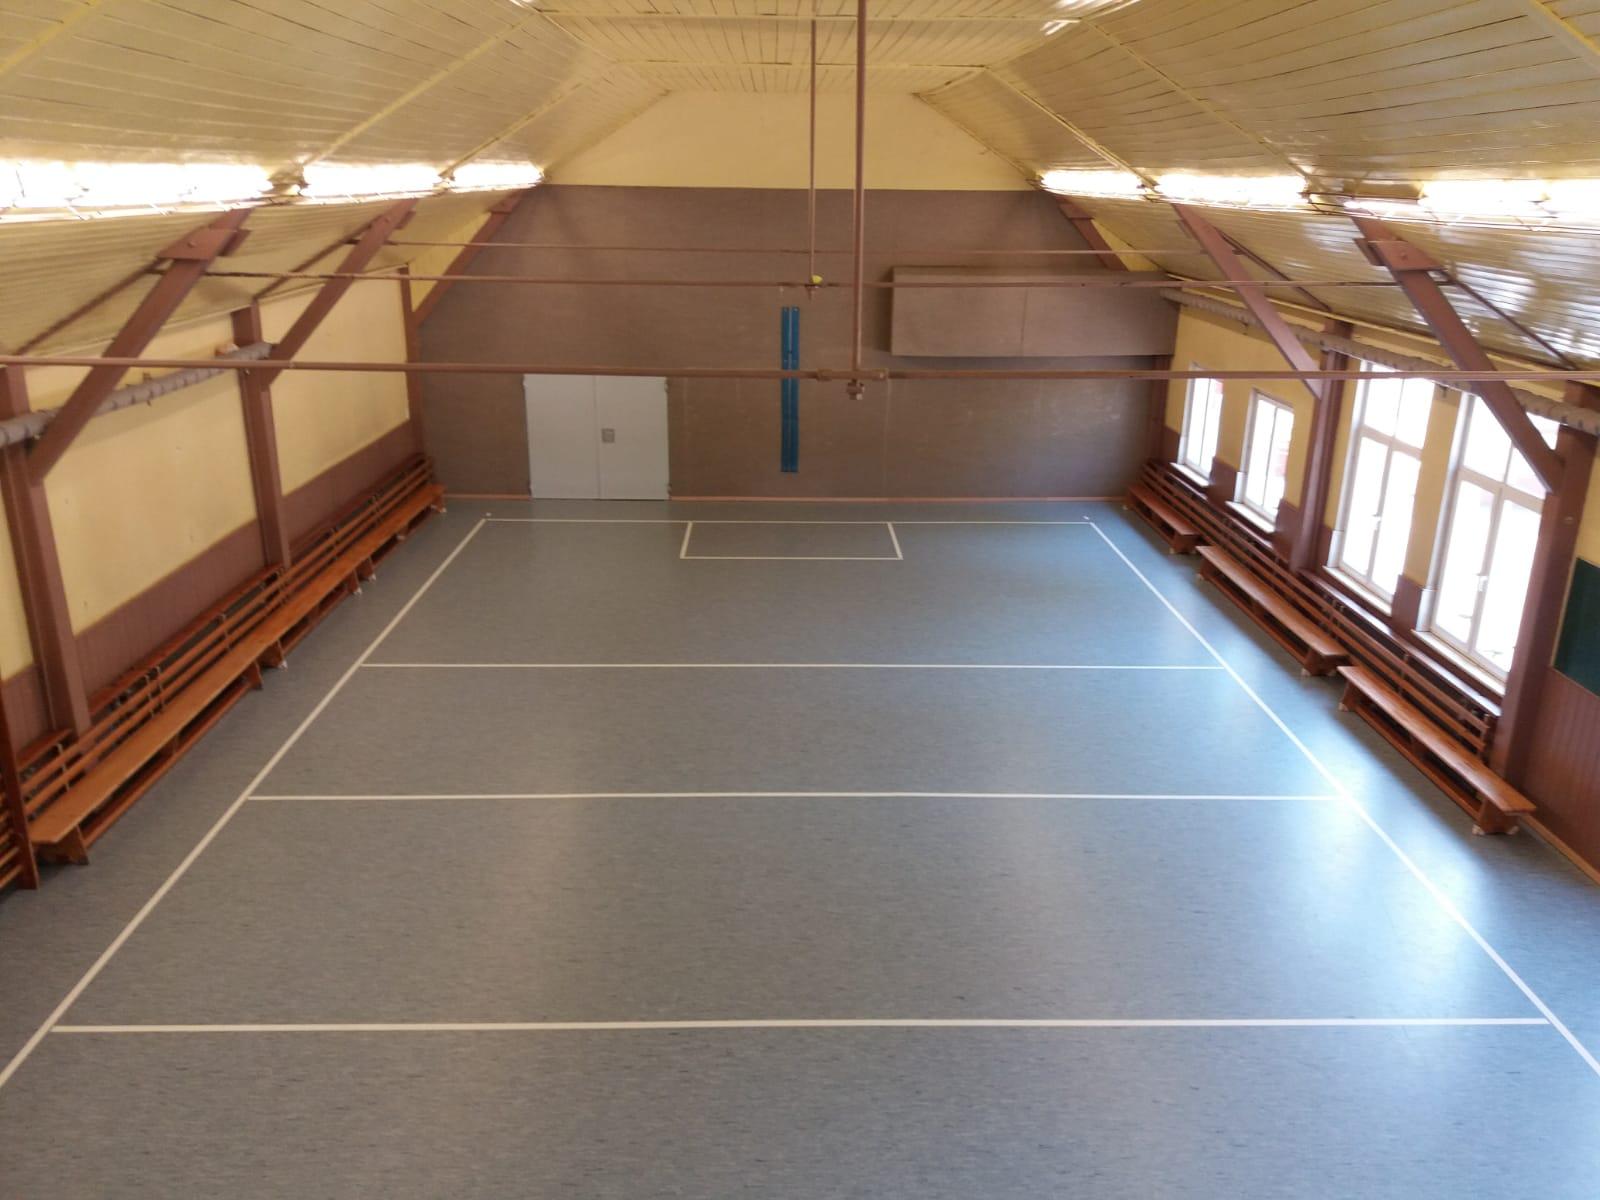 Sporthalle-Apfelstädt-Innenansicht1